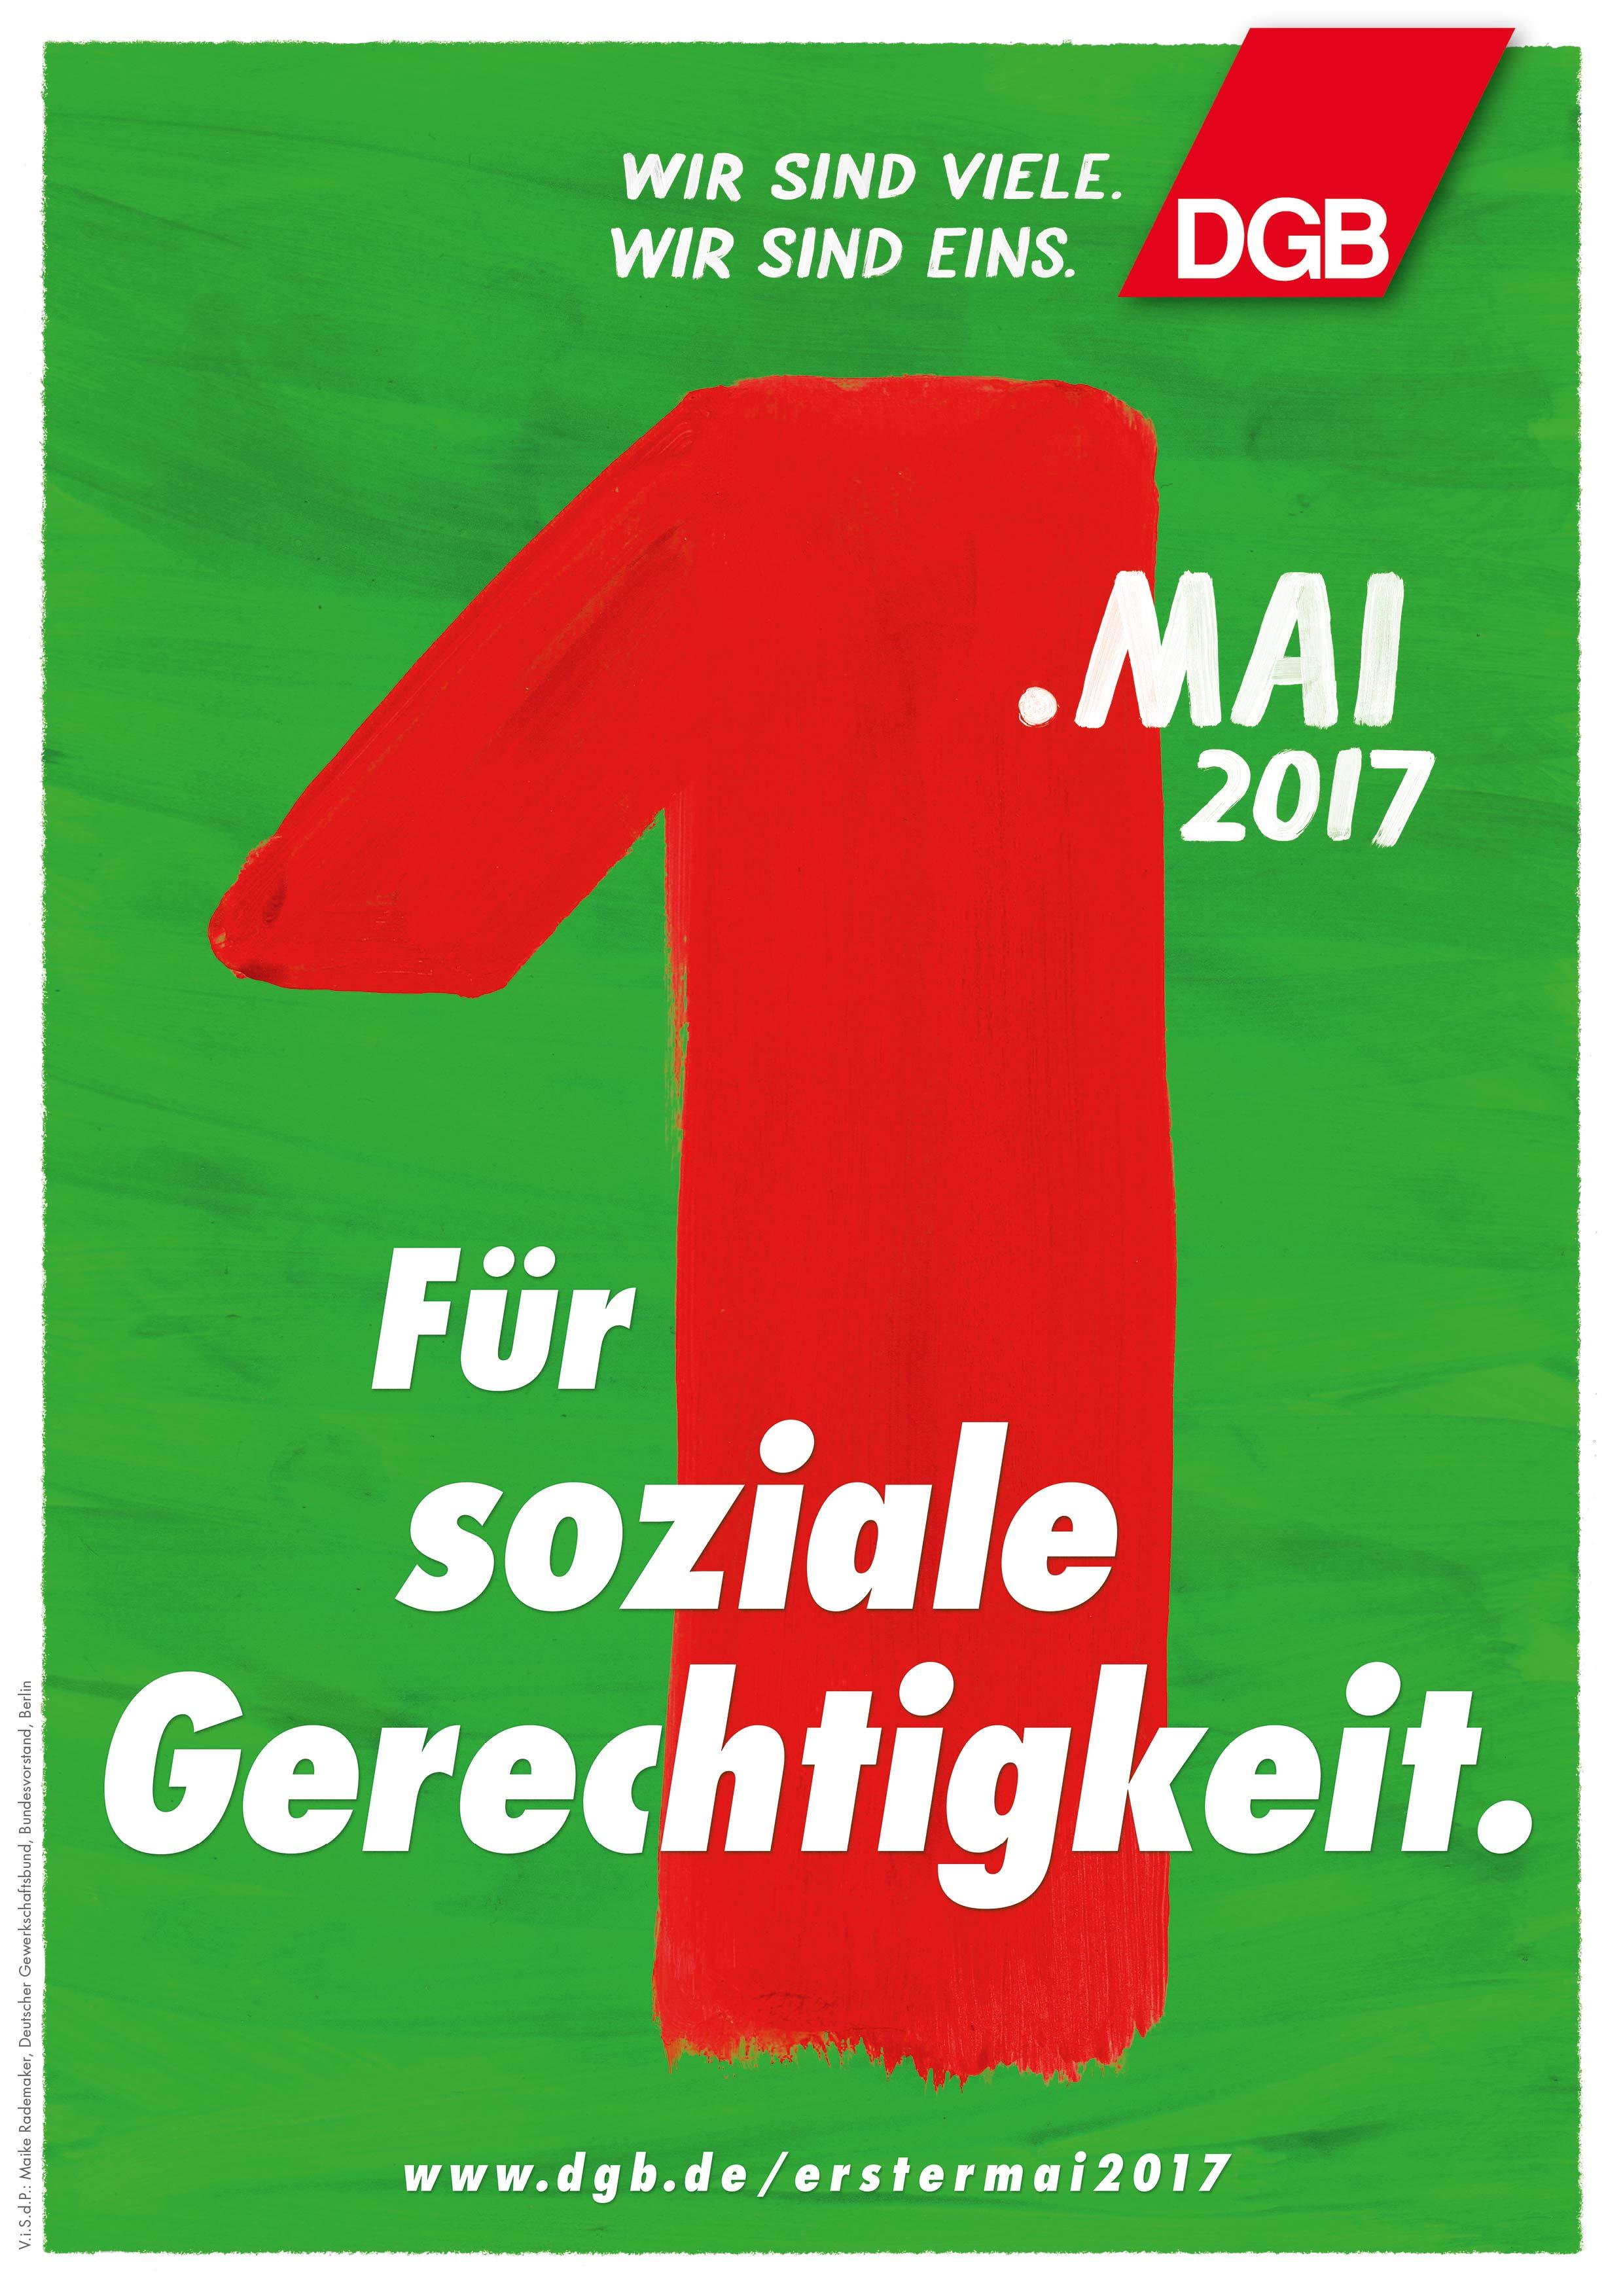 Für soziale Gerechtigkeit - DGB 1. Mai 2017